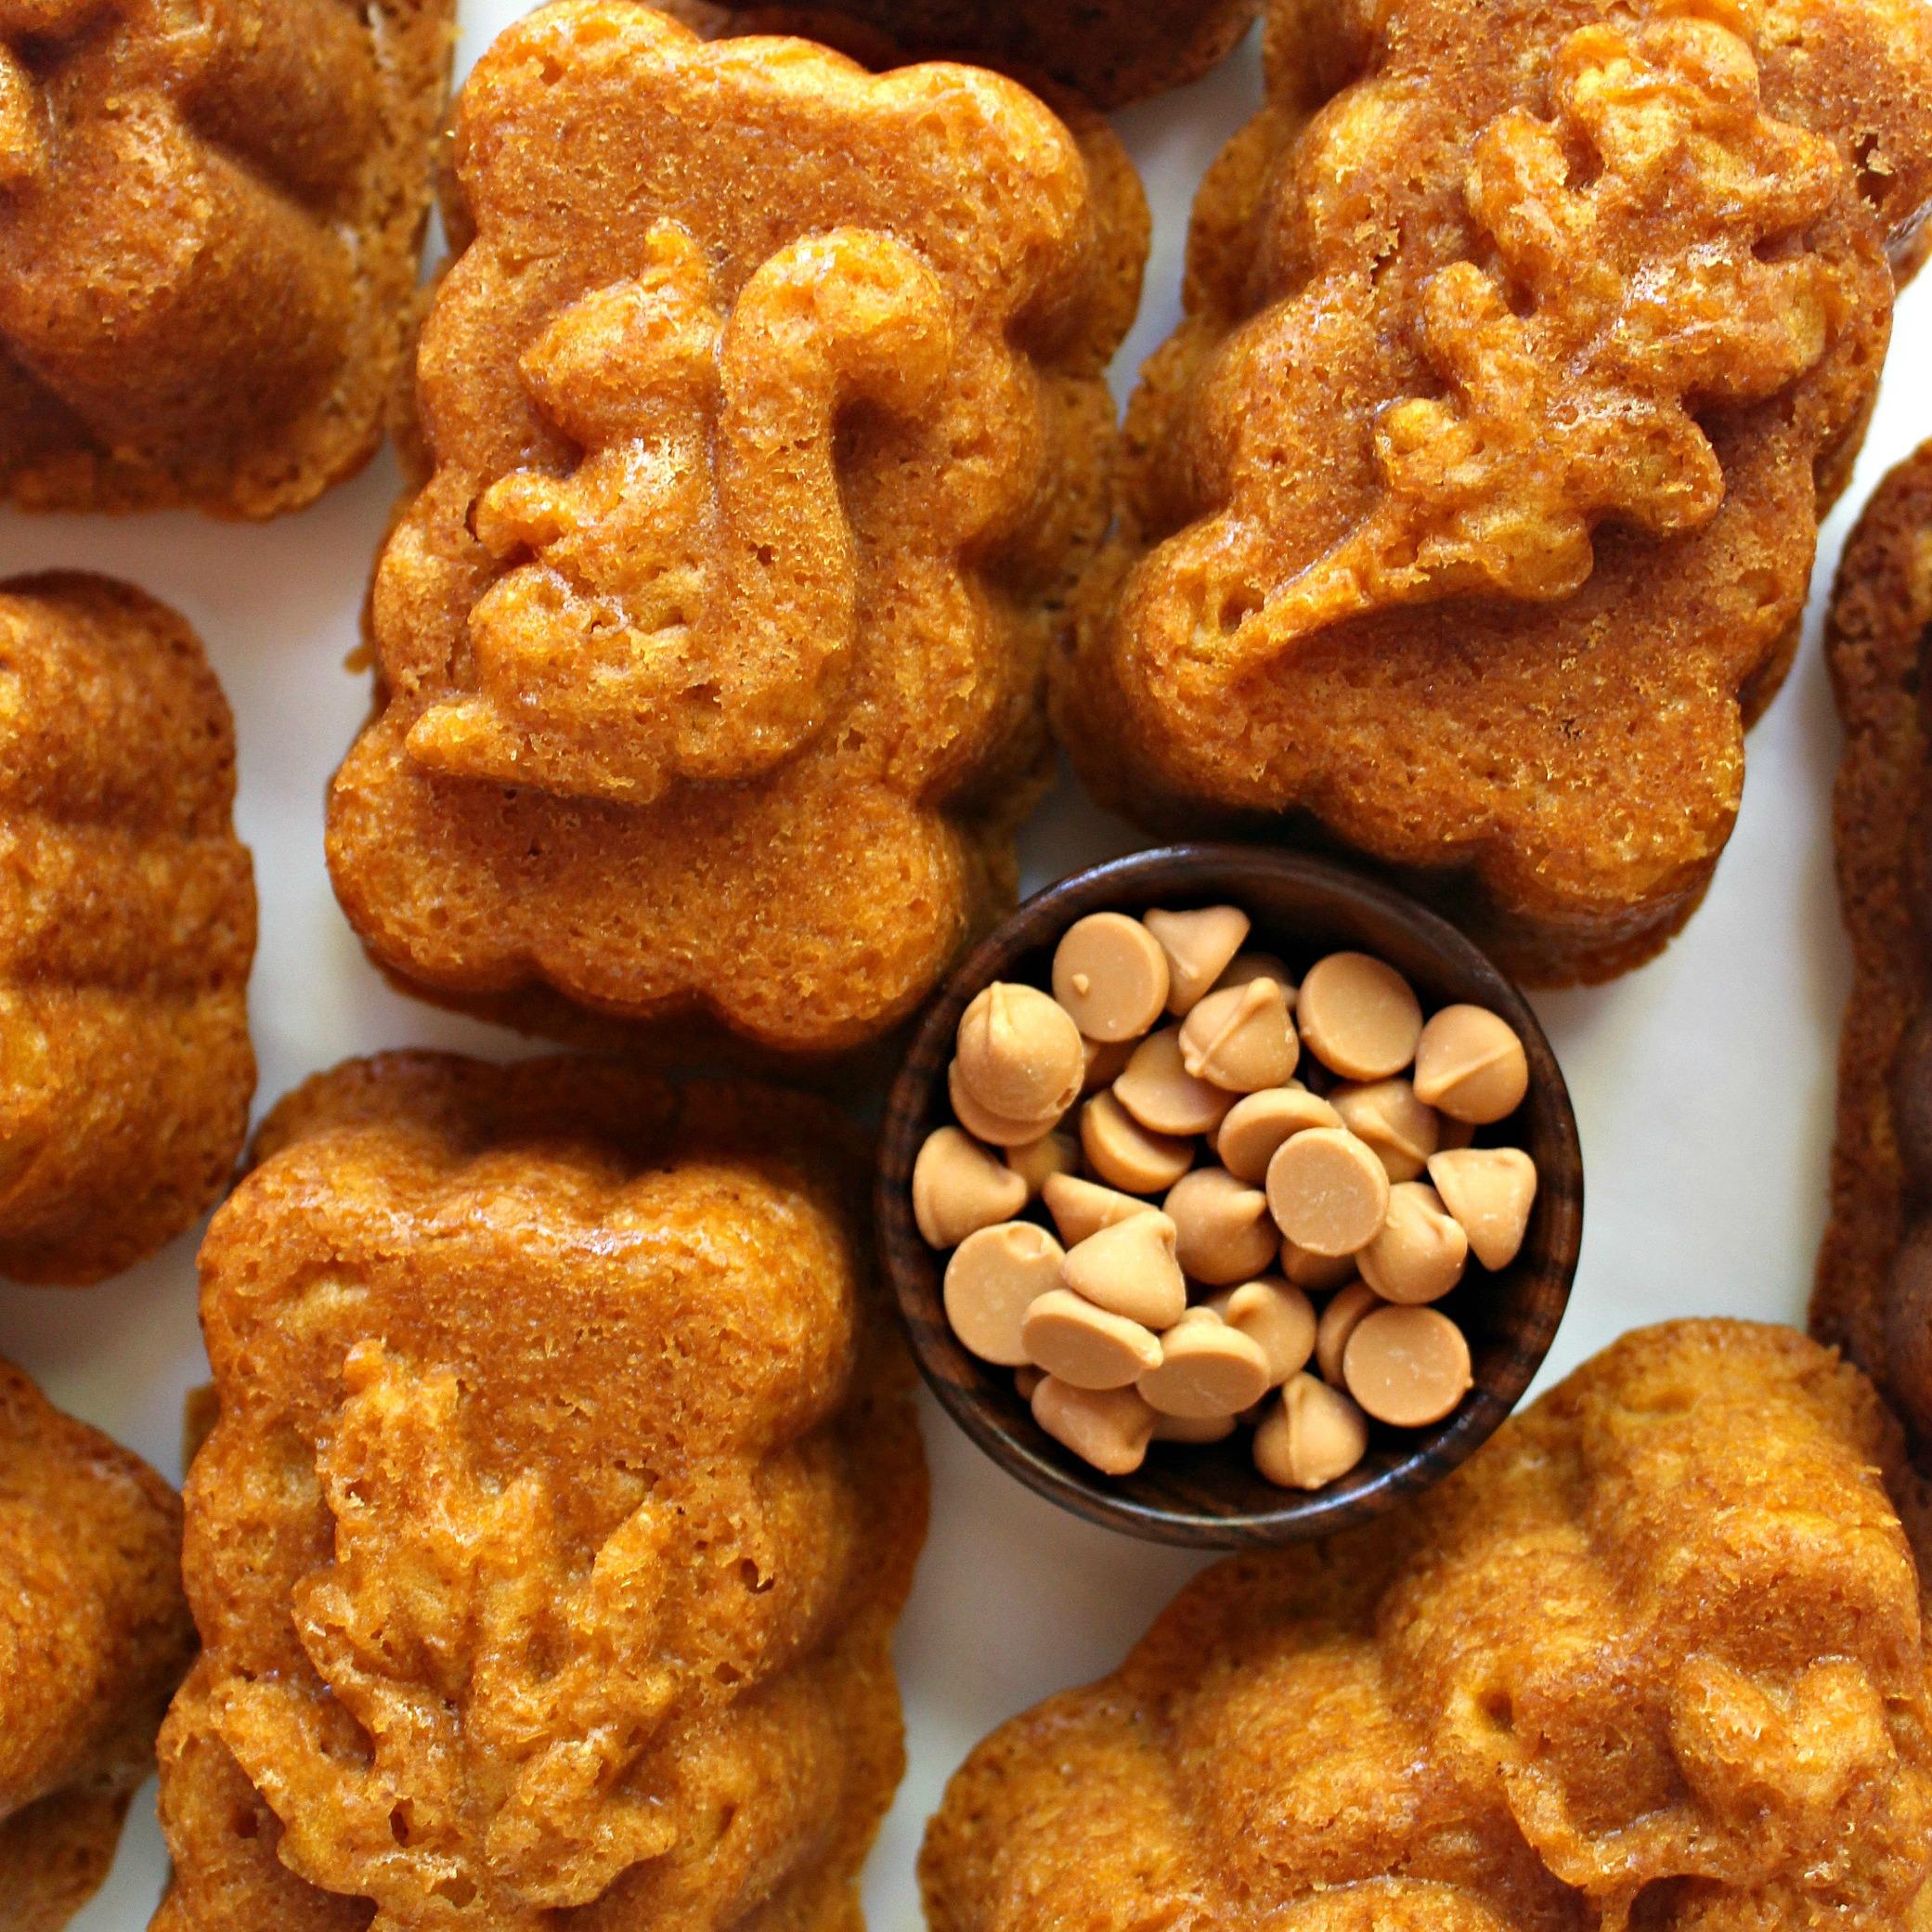 Pumpkin Butterscotch Cakes and a bowl of butterscotch baking chips.